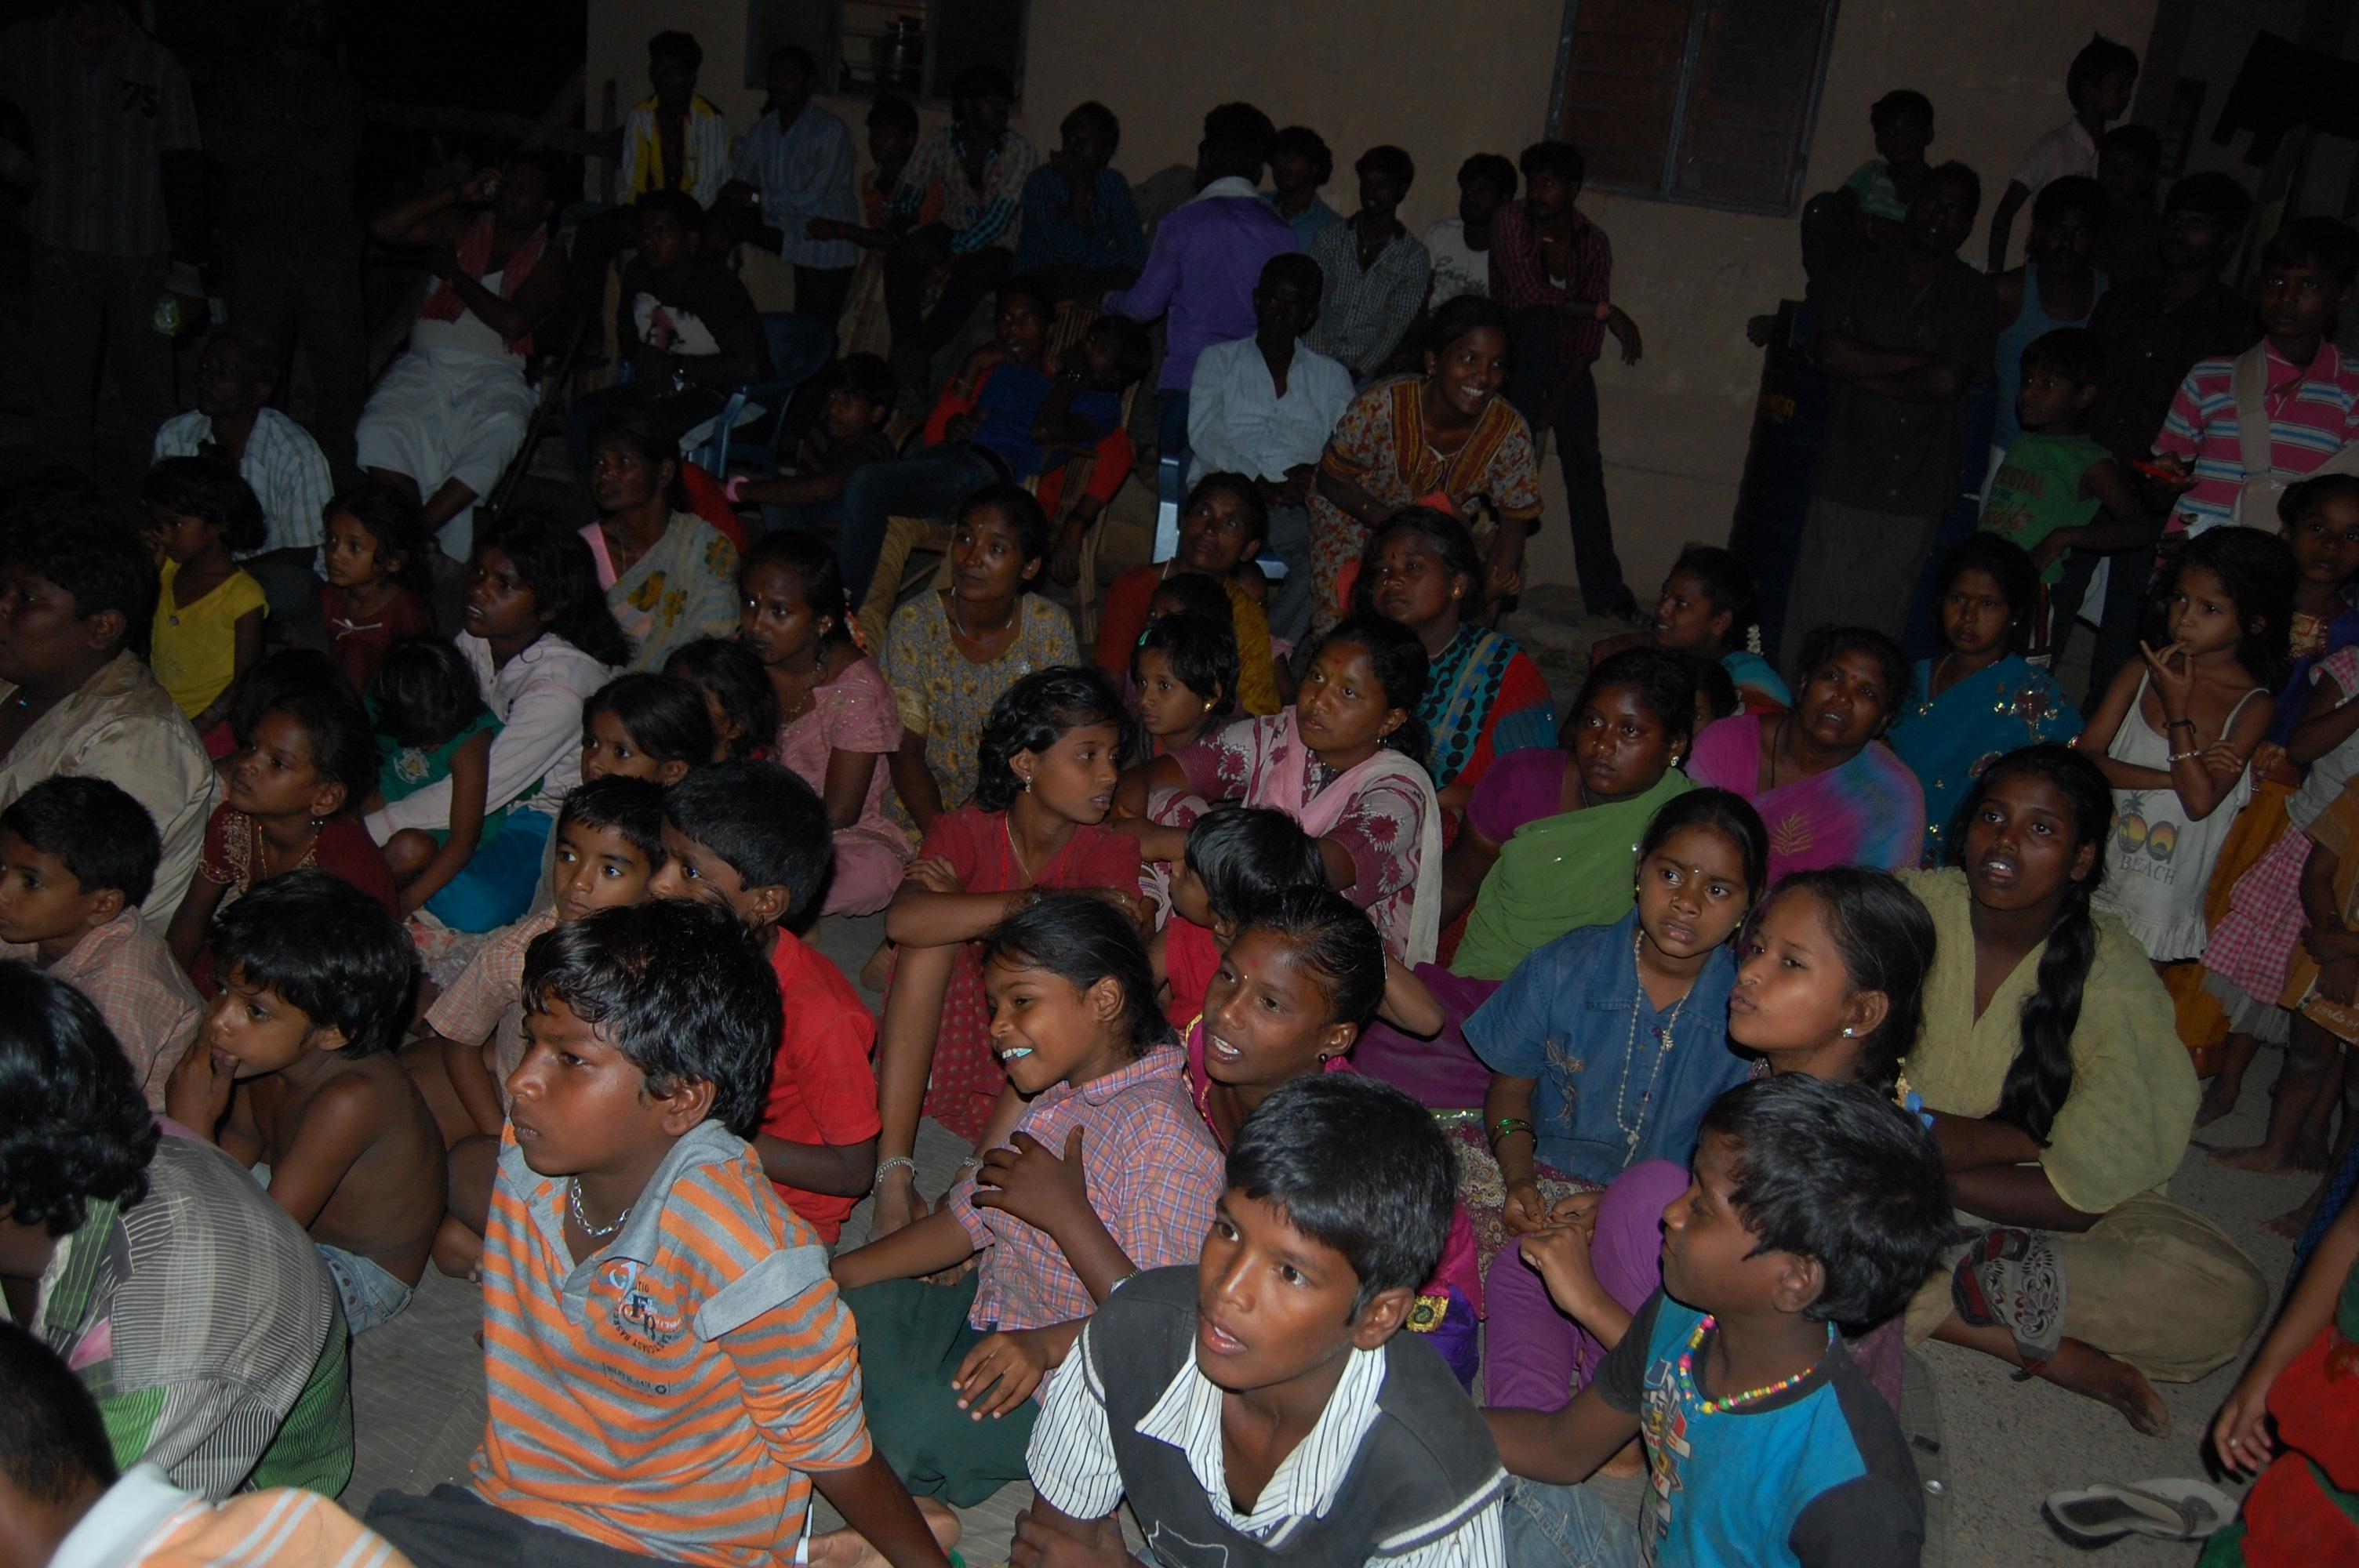 பெங்களூர் ராஜா ரதிச்வரி குப்பத்தில்  கொள்கை விளக்க பிரச்சாரம். DSC 5293